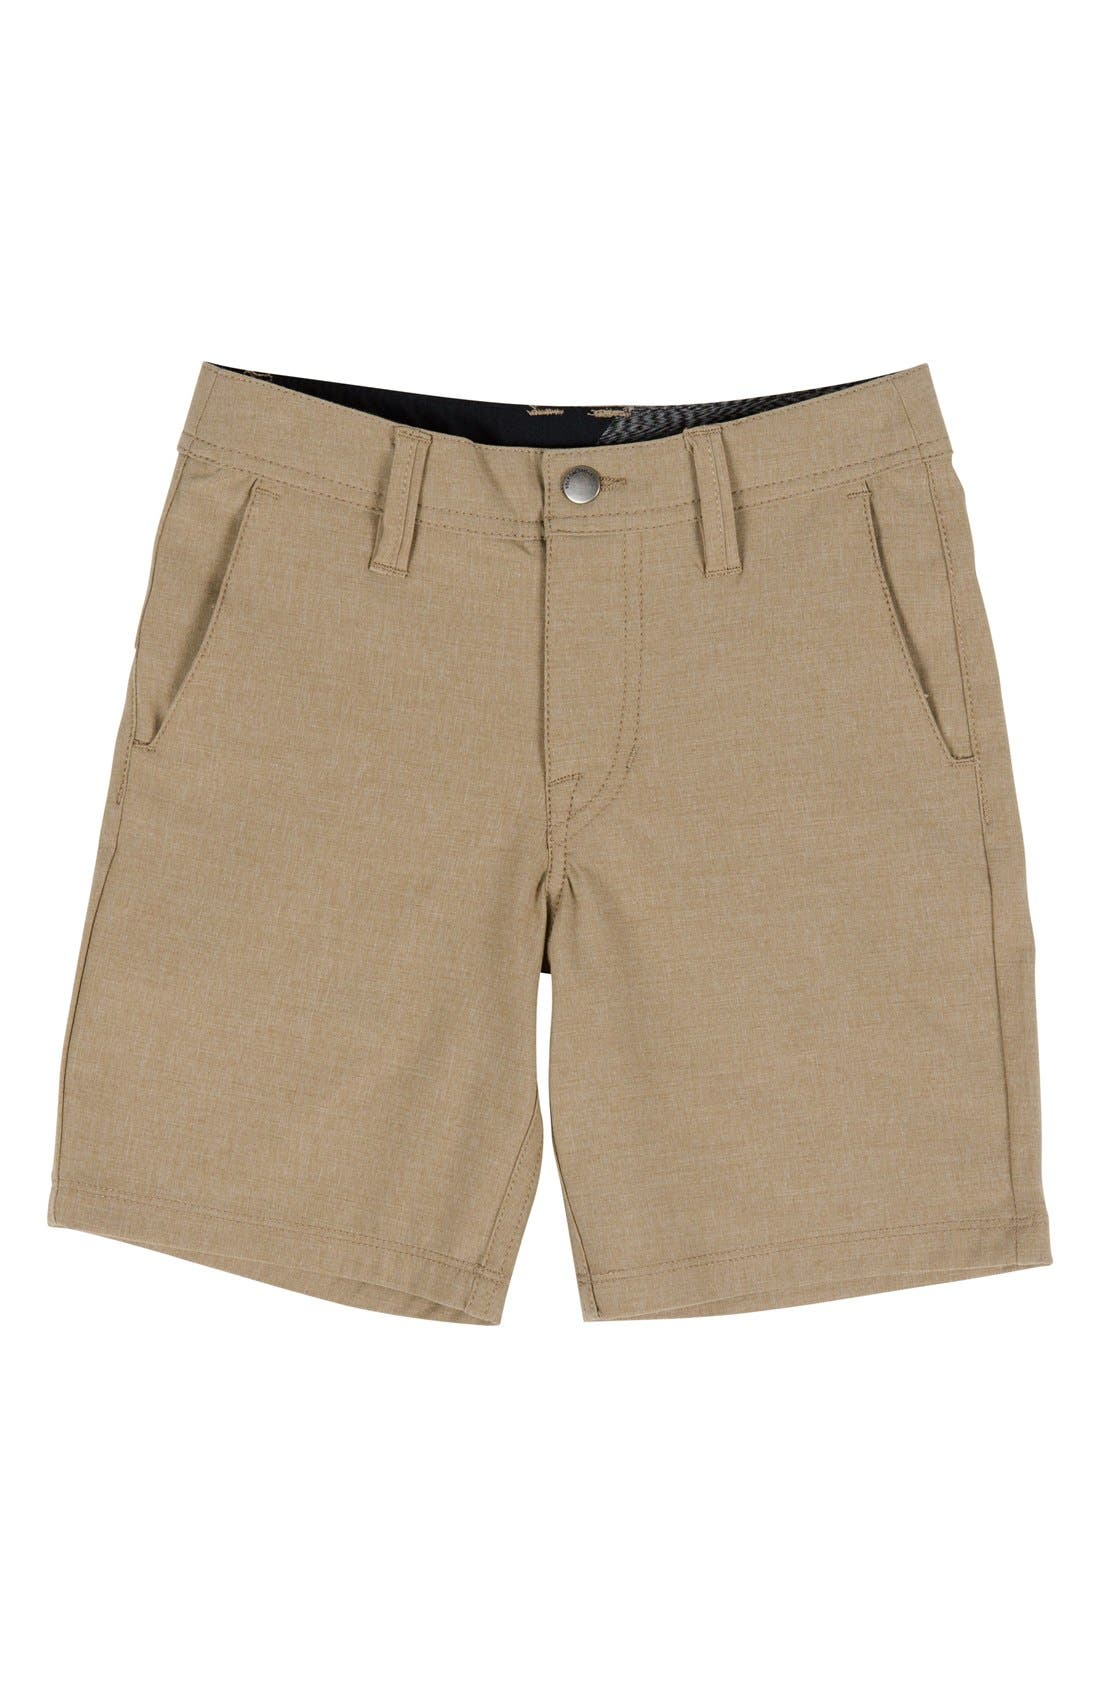 Surf N' Turf Static Hybrid Shorts,                             Main thumbnail 1, color,                             Khaki Dark